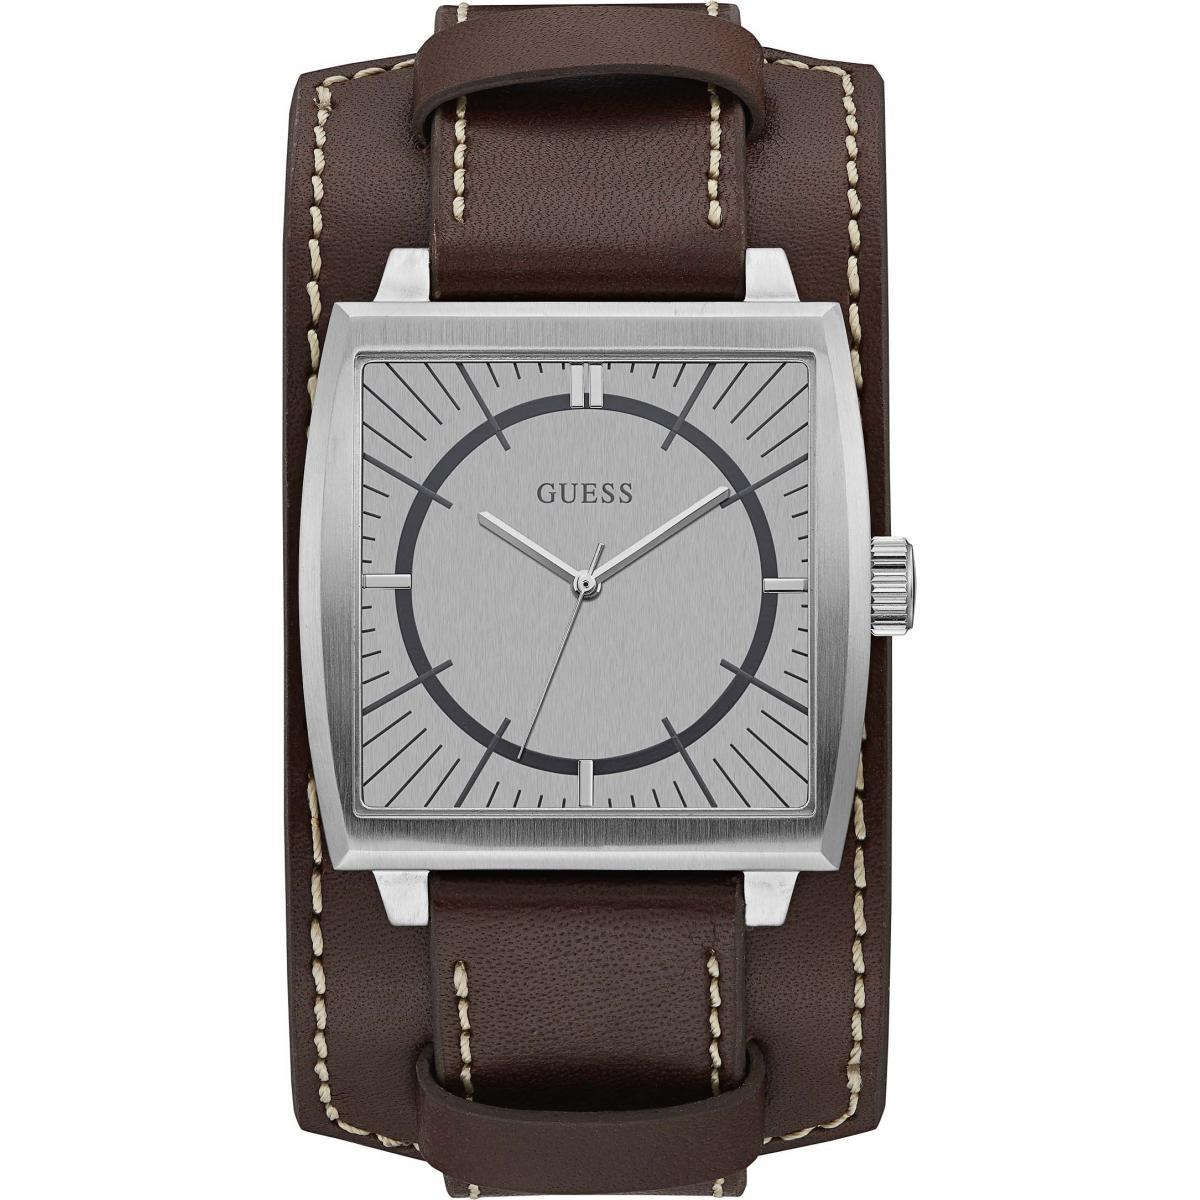 montre guess w1036g2 montre bracelet cuir marron homme